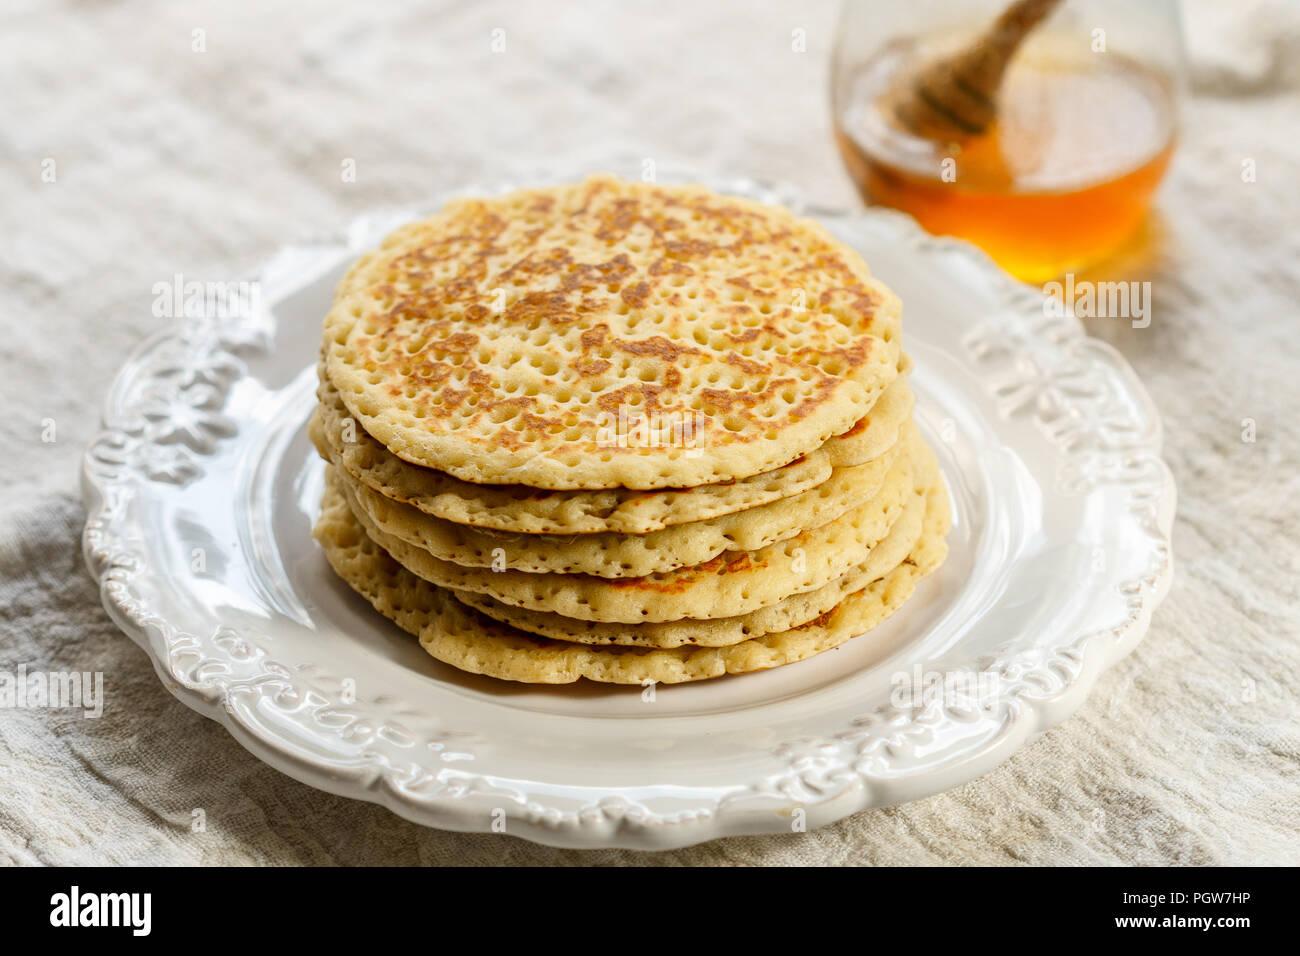 Dulces deliciosos panqueques americanos con miel en una placa blanca. Desayuno gourmet. Enfoque selectivo Foto de stock